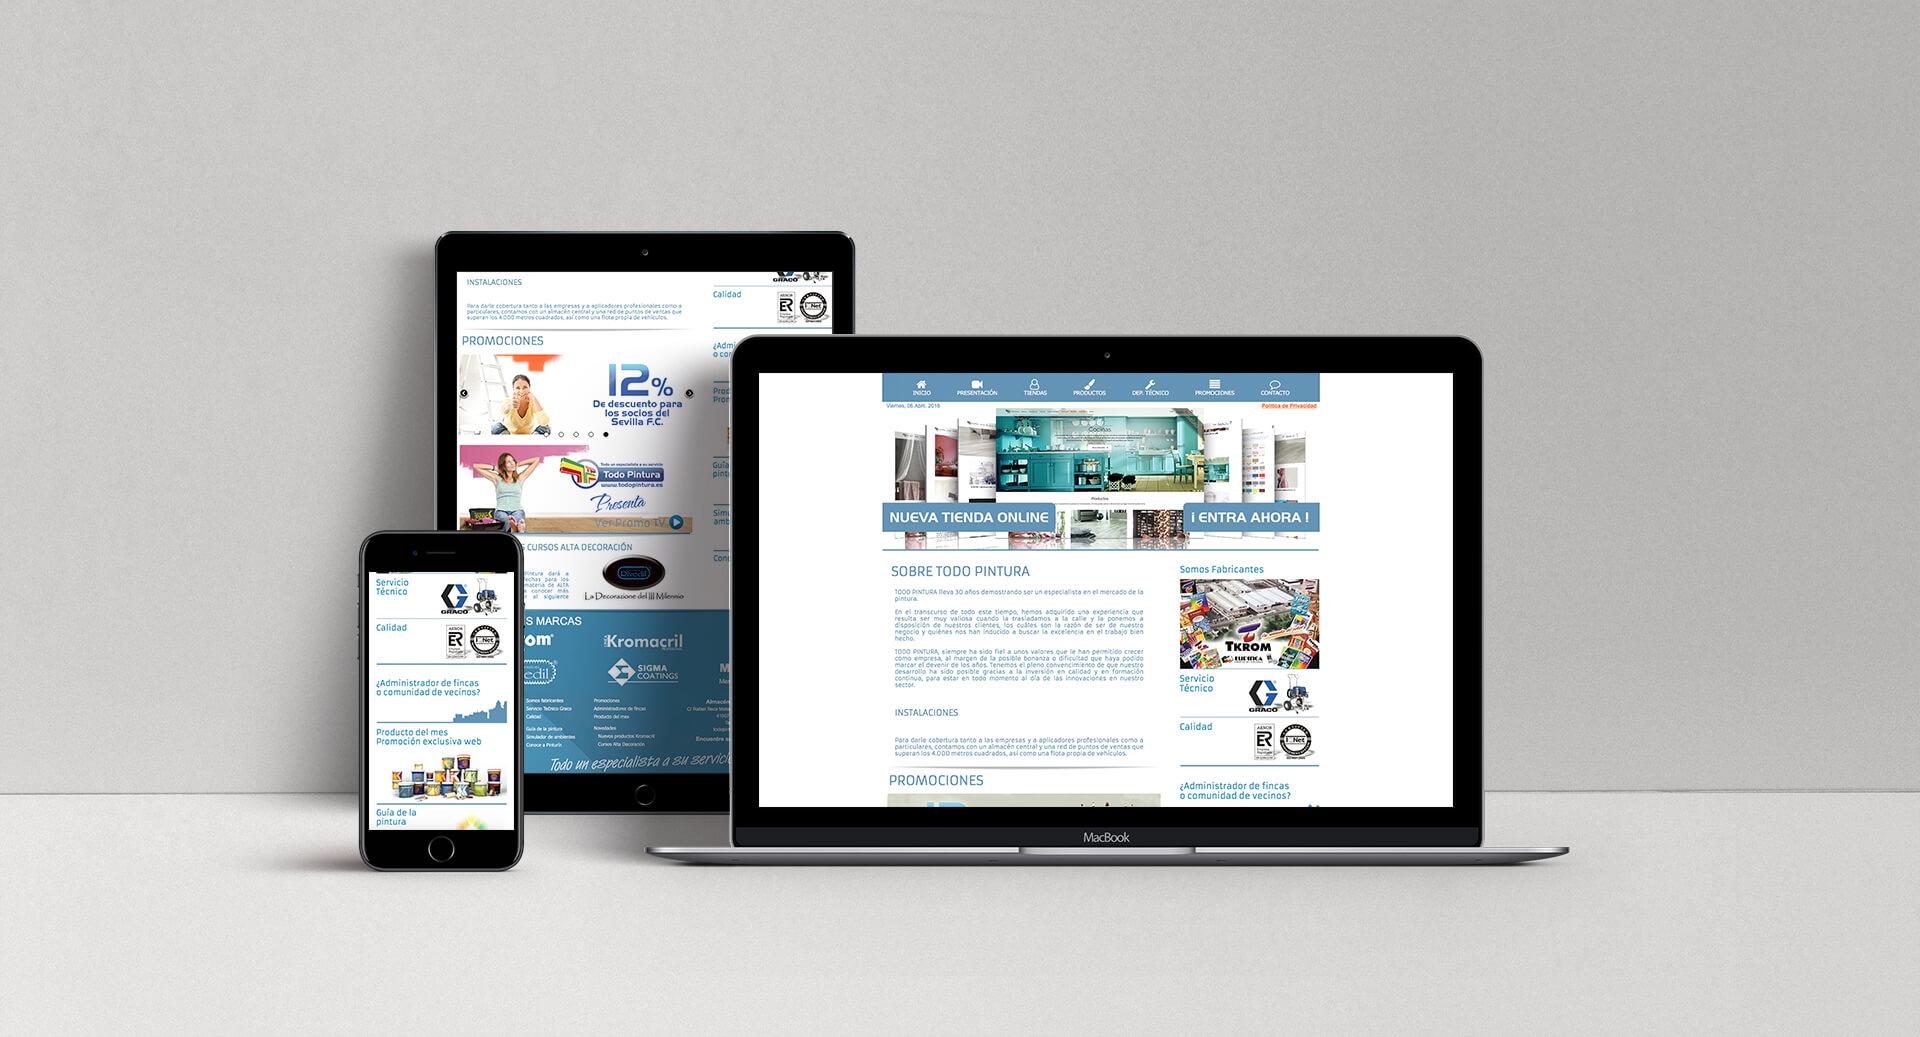 Diseño Web Todo Pintura